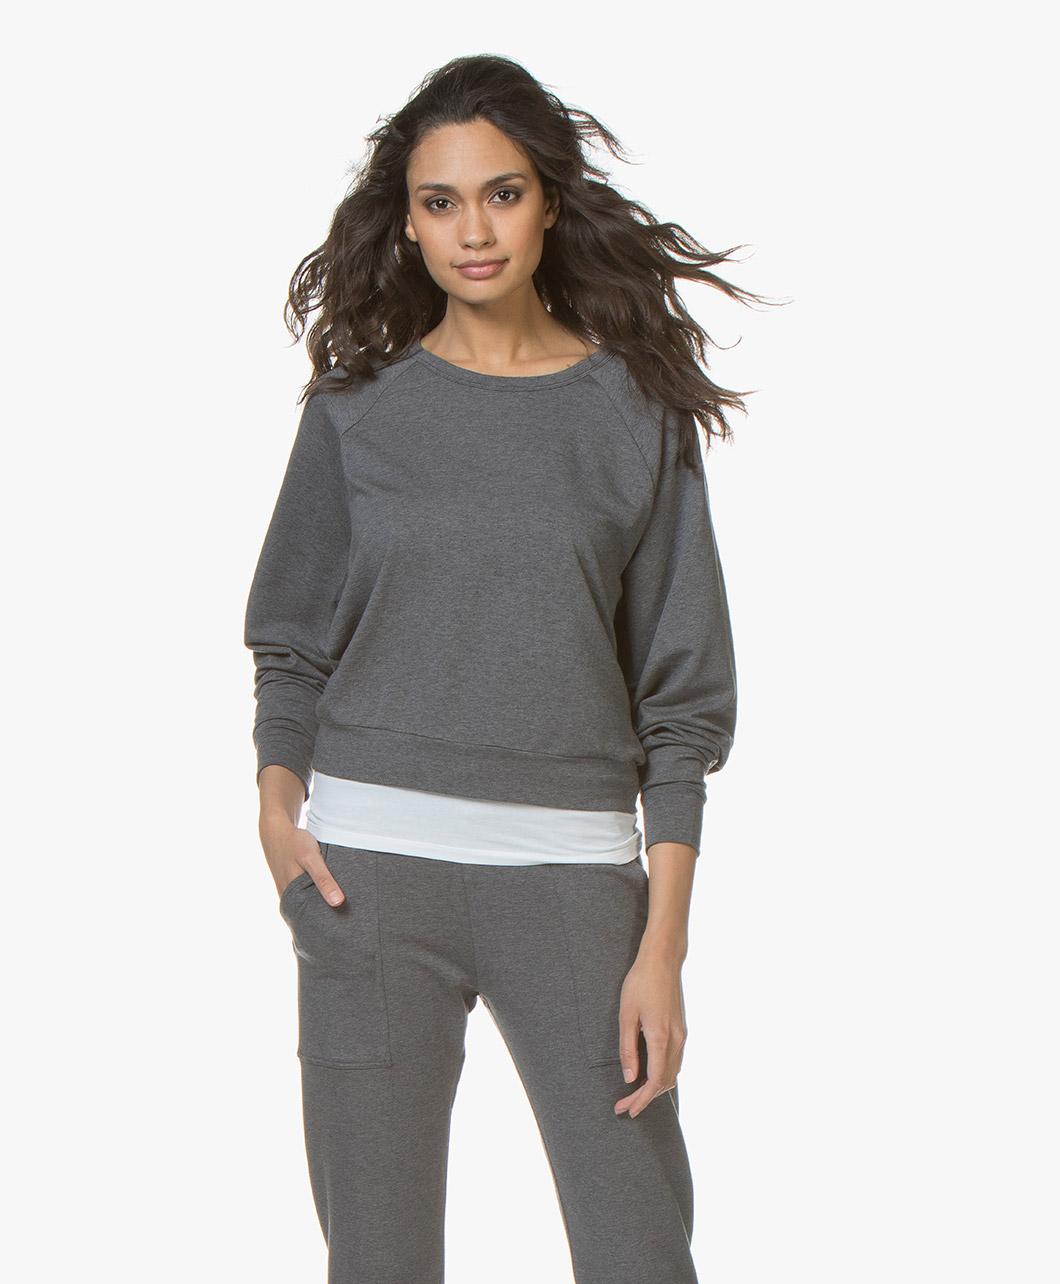 filippa k sporty light pullover